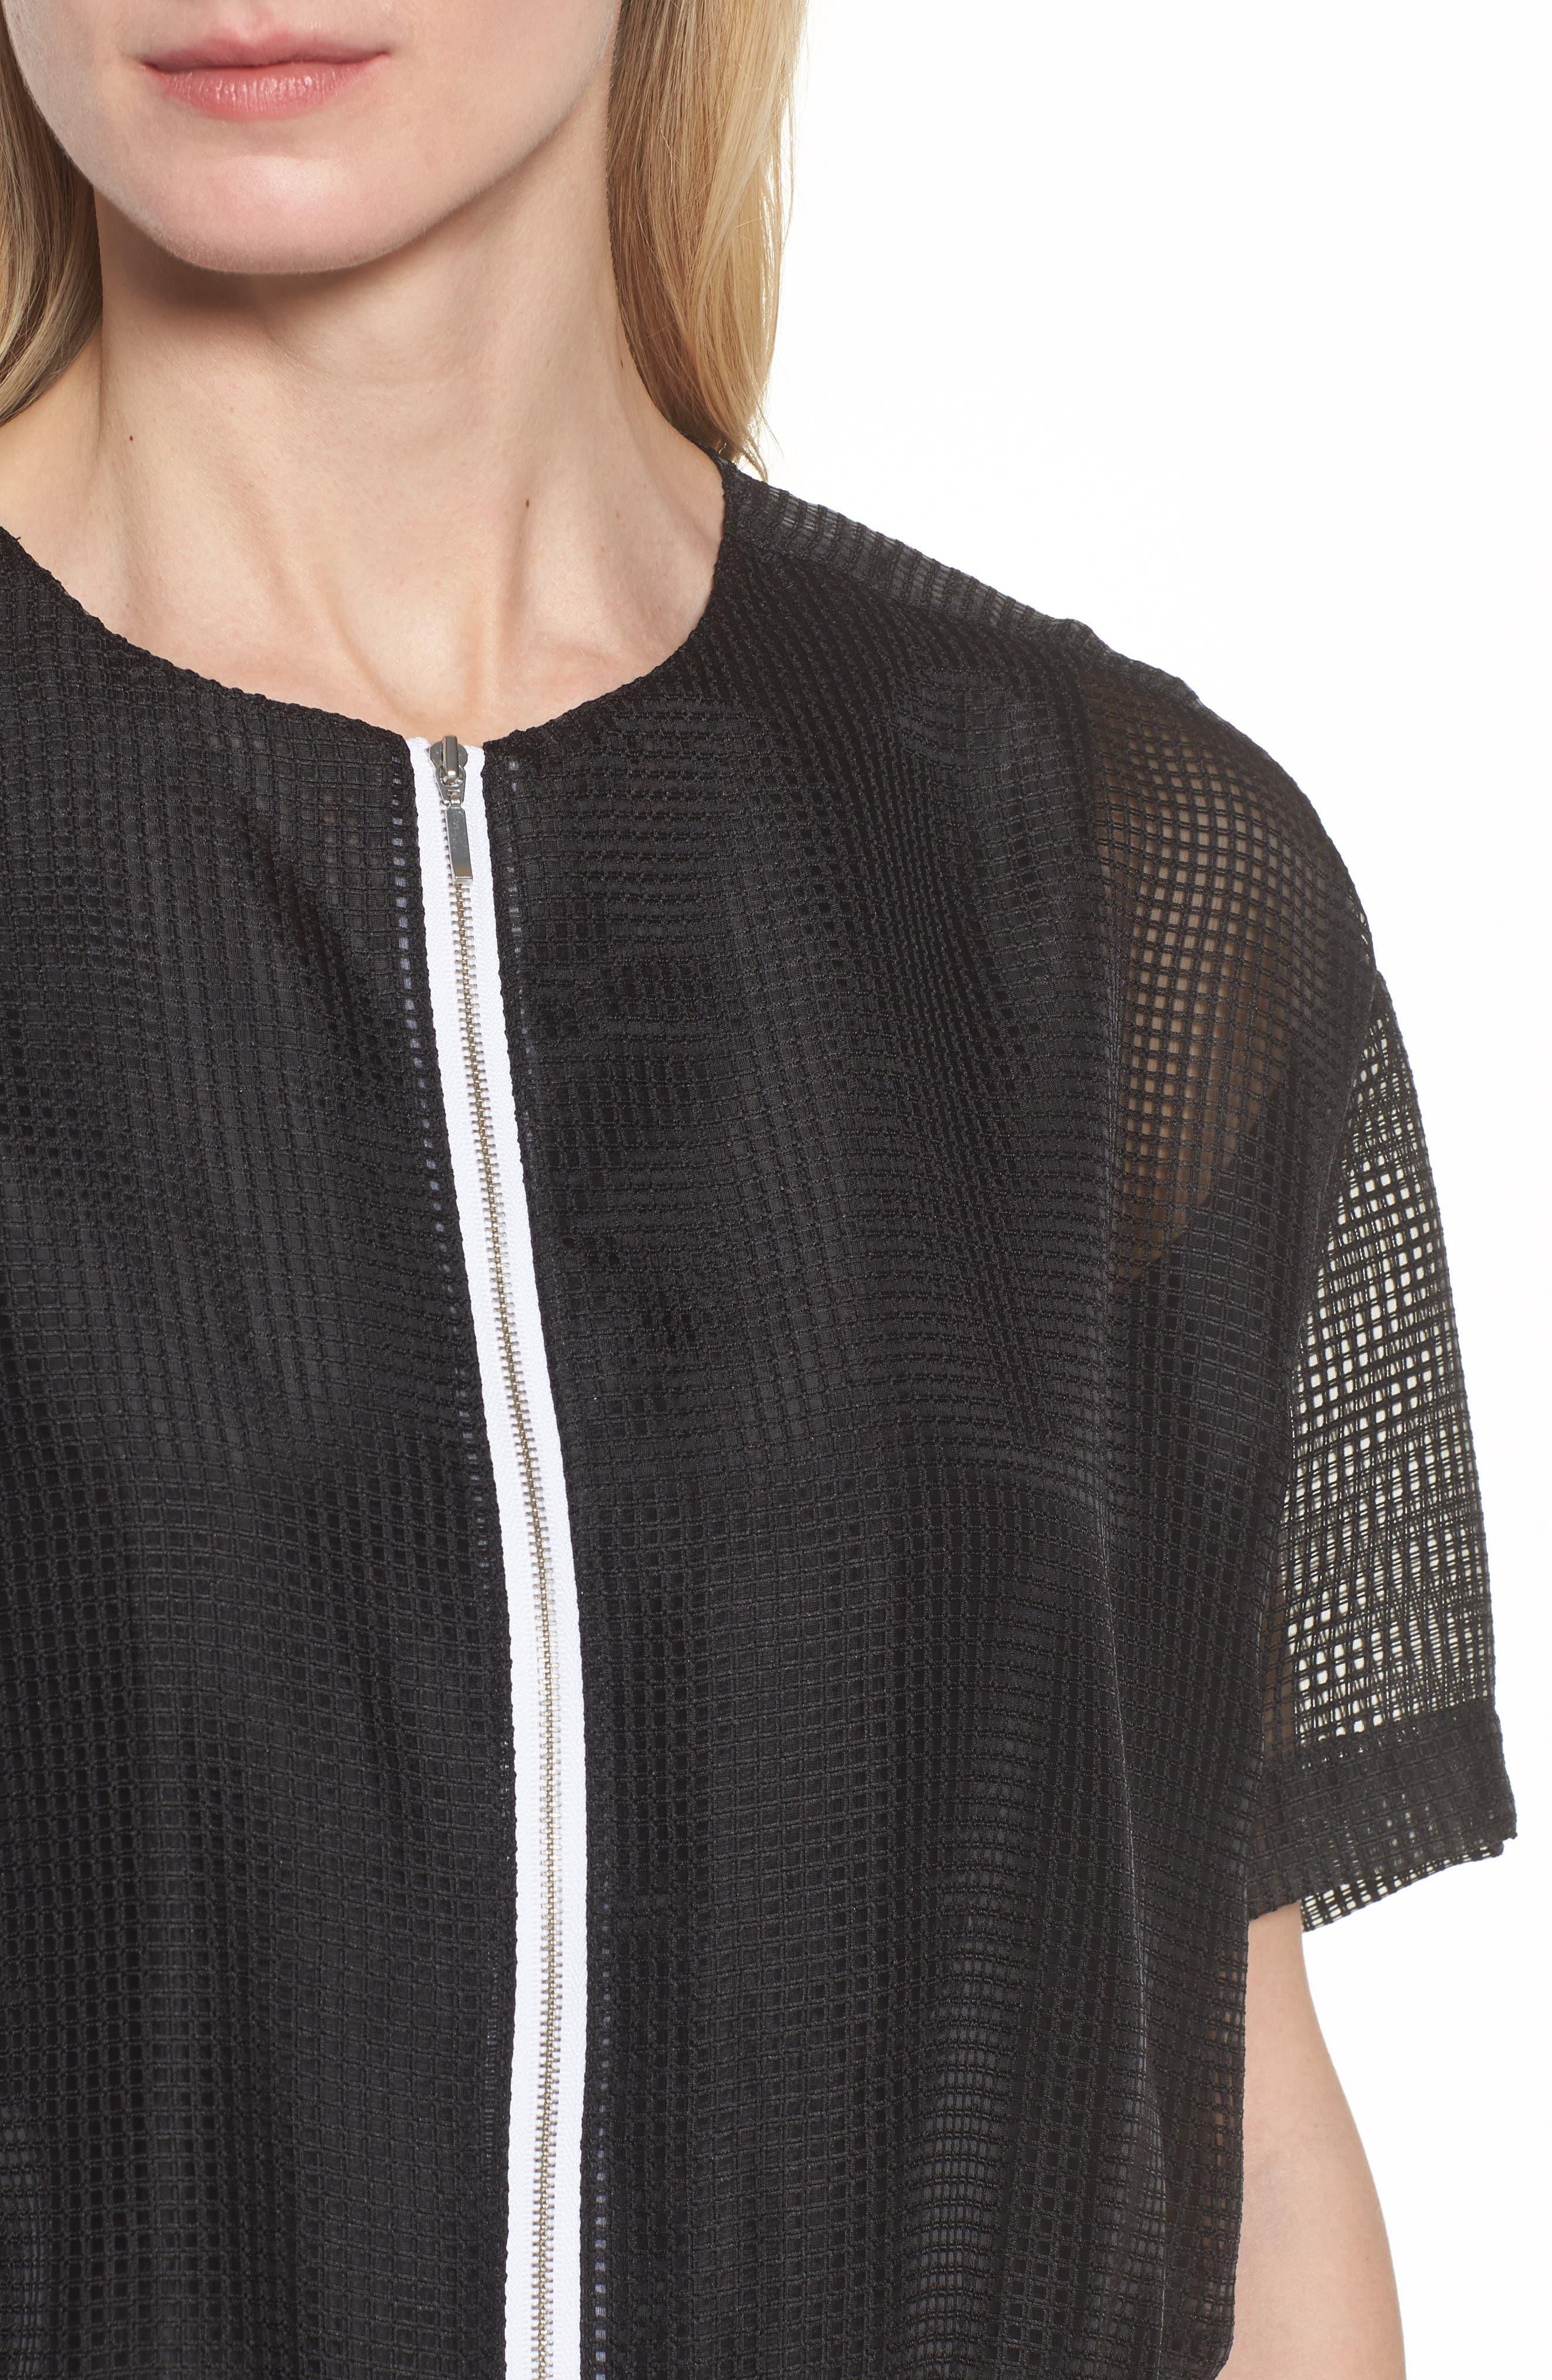 Mesh Jacket,                             Alternate thumbnail 4, color,                             Black/ White